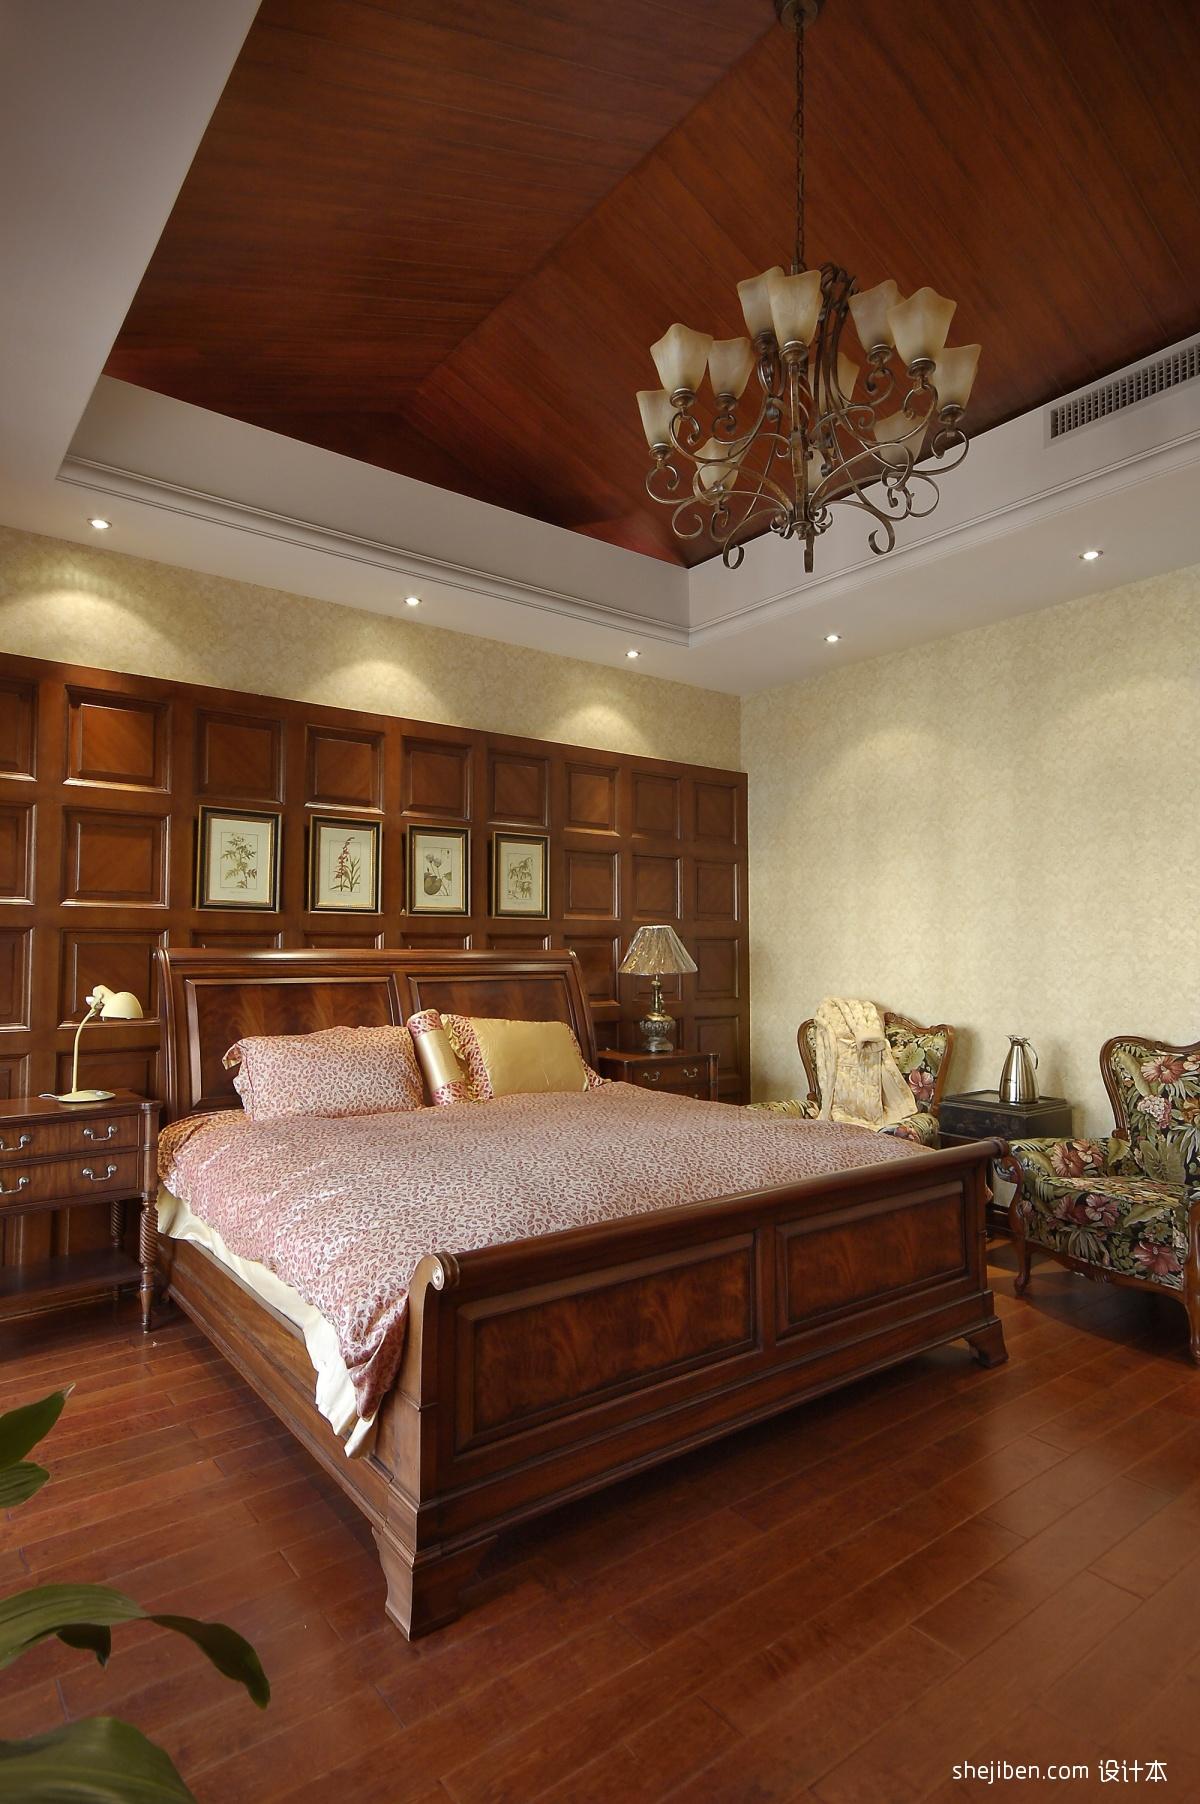 中式风格餐厅背景墙_美式风格经典时尚主人房卧室床头背景墙实木吊顶装修效果图片 ...